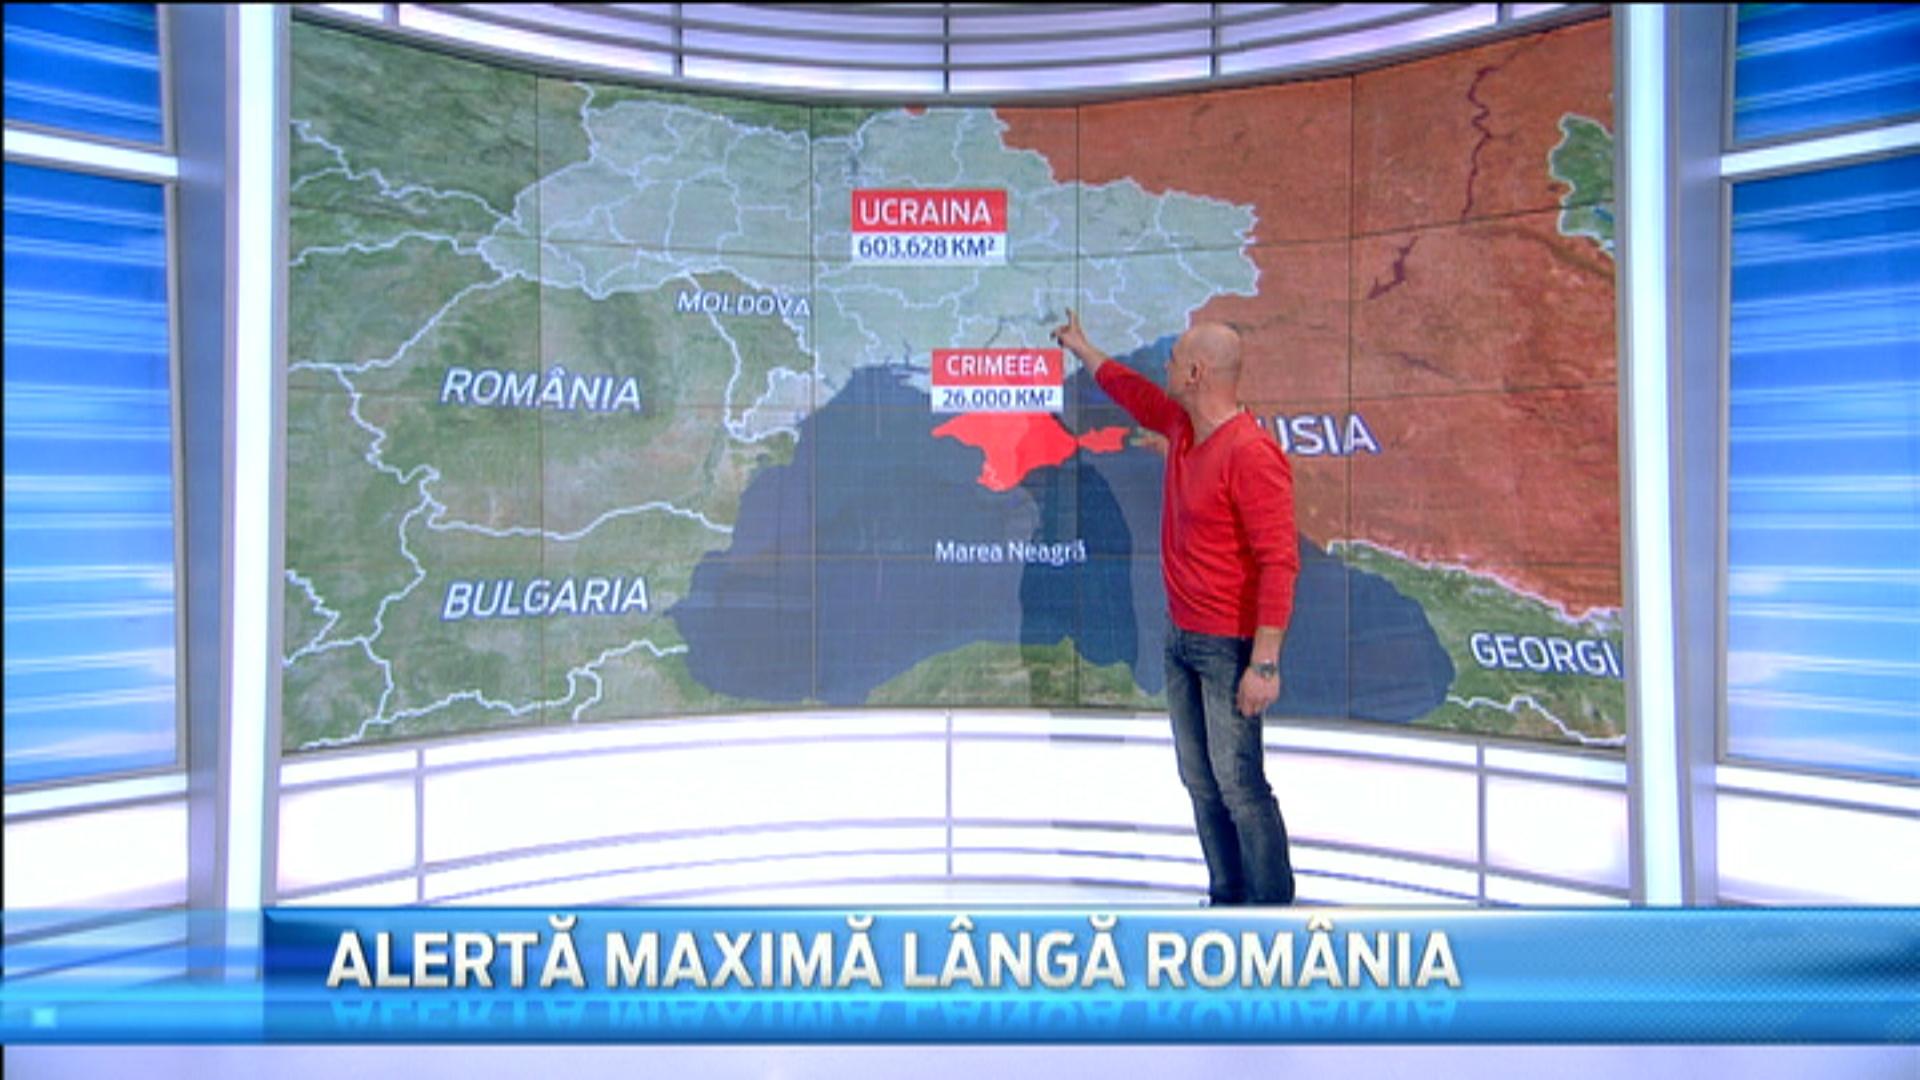 Analiza Catalin Radu Tanase, despre cat de grava este situatia in Crimeea si care sunt interesele Rusiei in zona